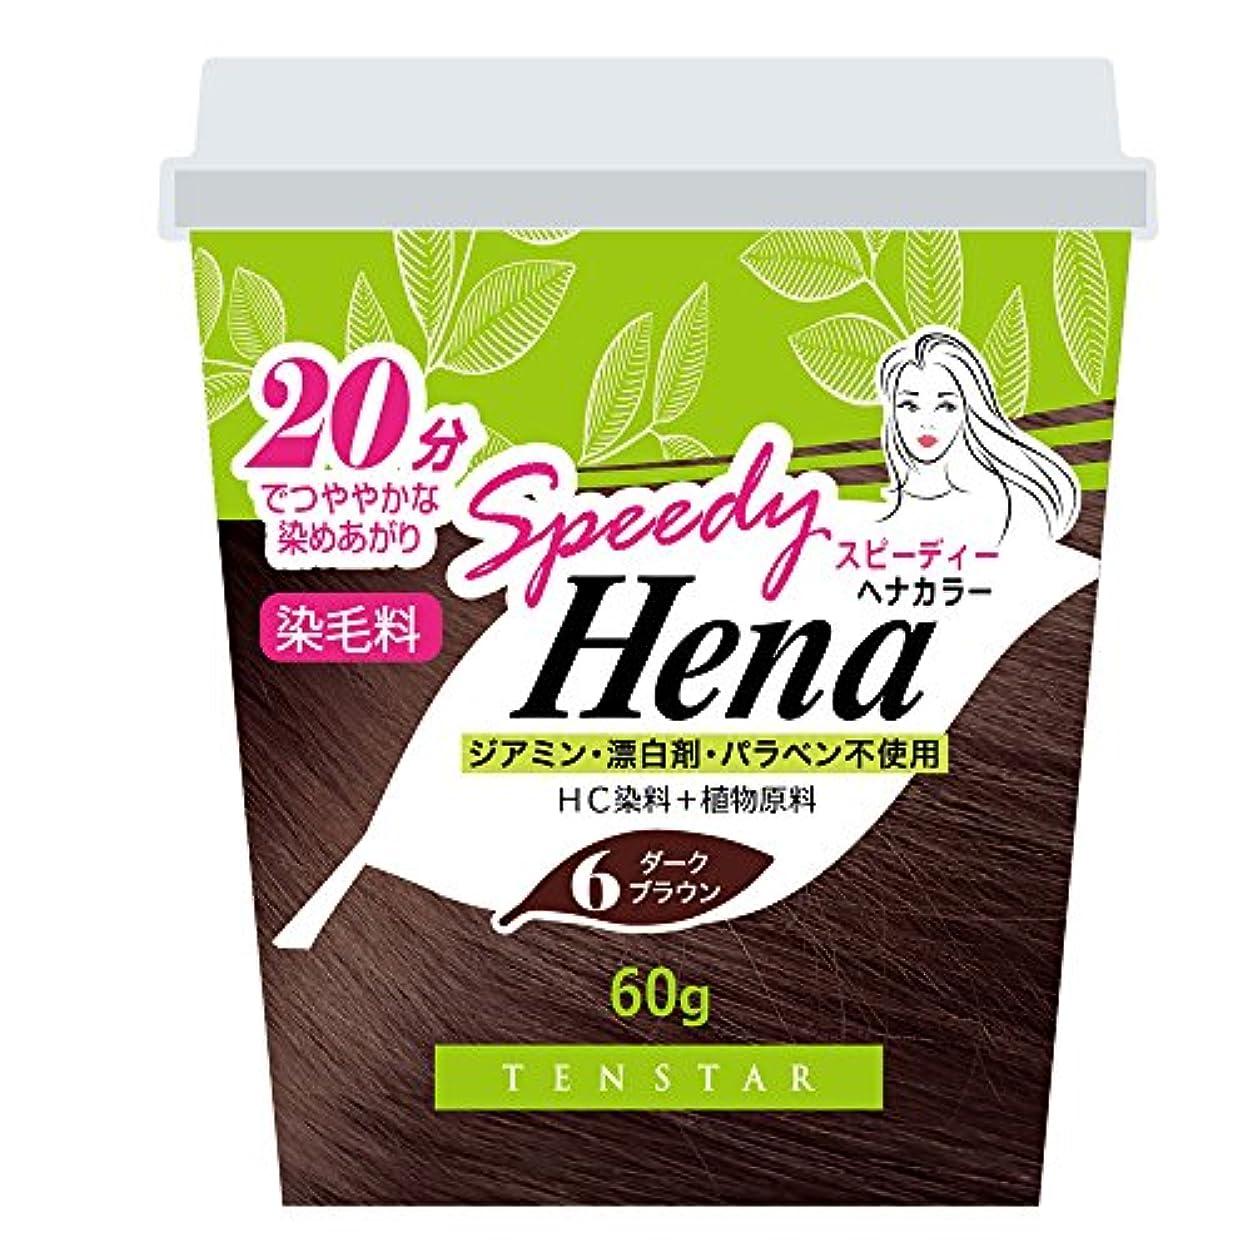 放出不愉快微生物THH-01 テンスター スピーディー ヘナカラー ダークブラウン 60G